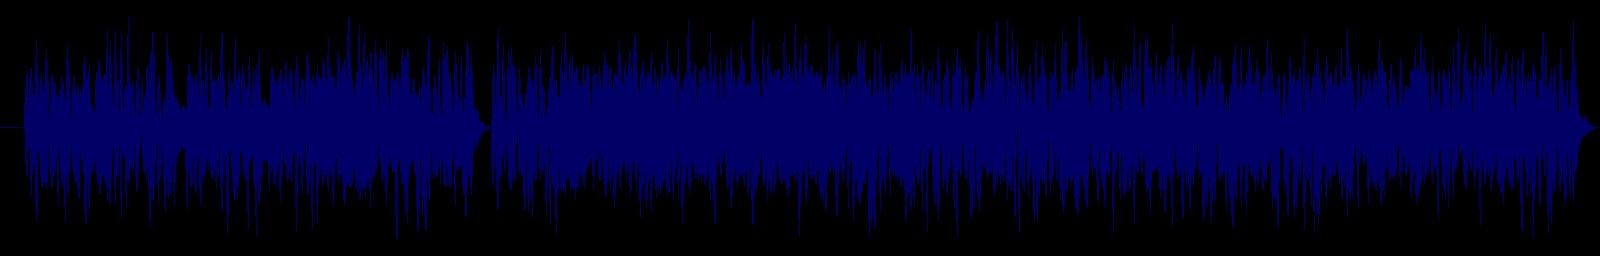 waveform of track #144184